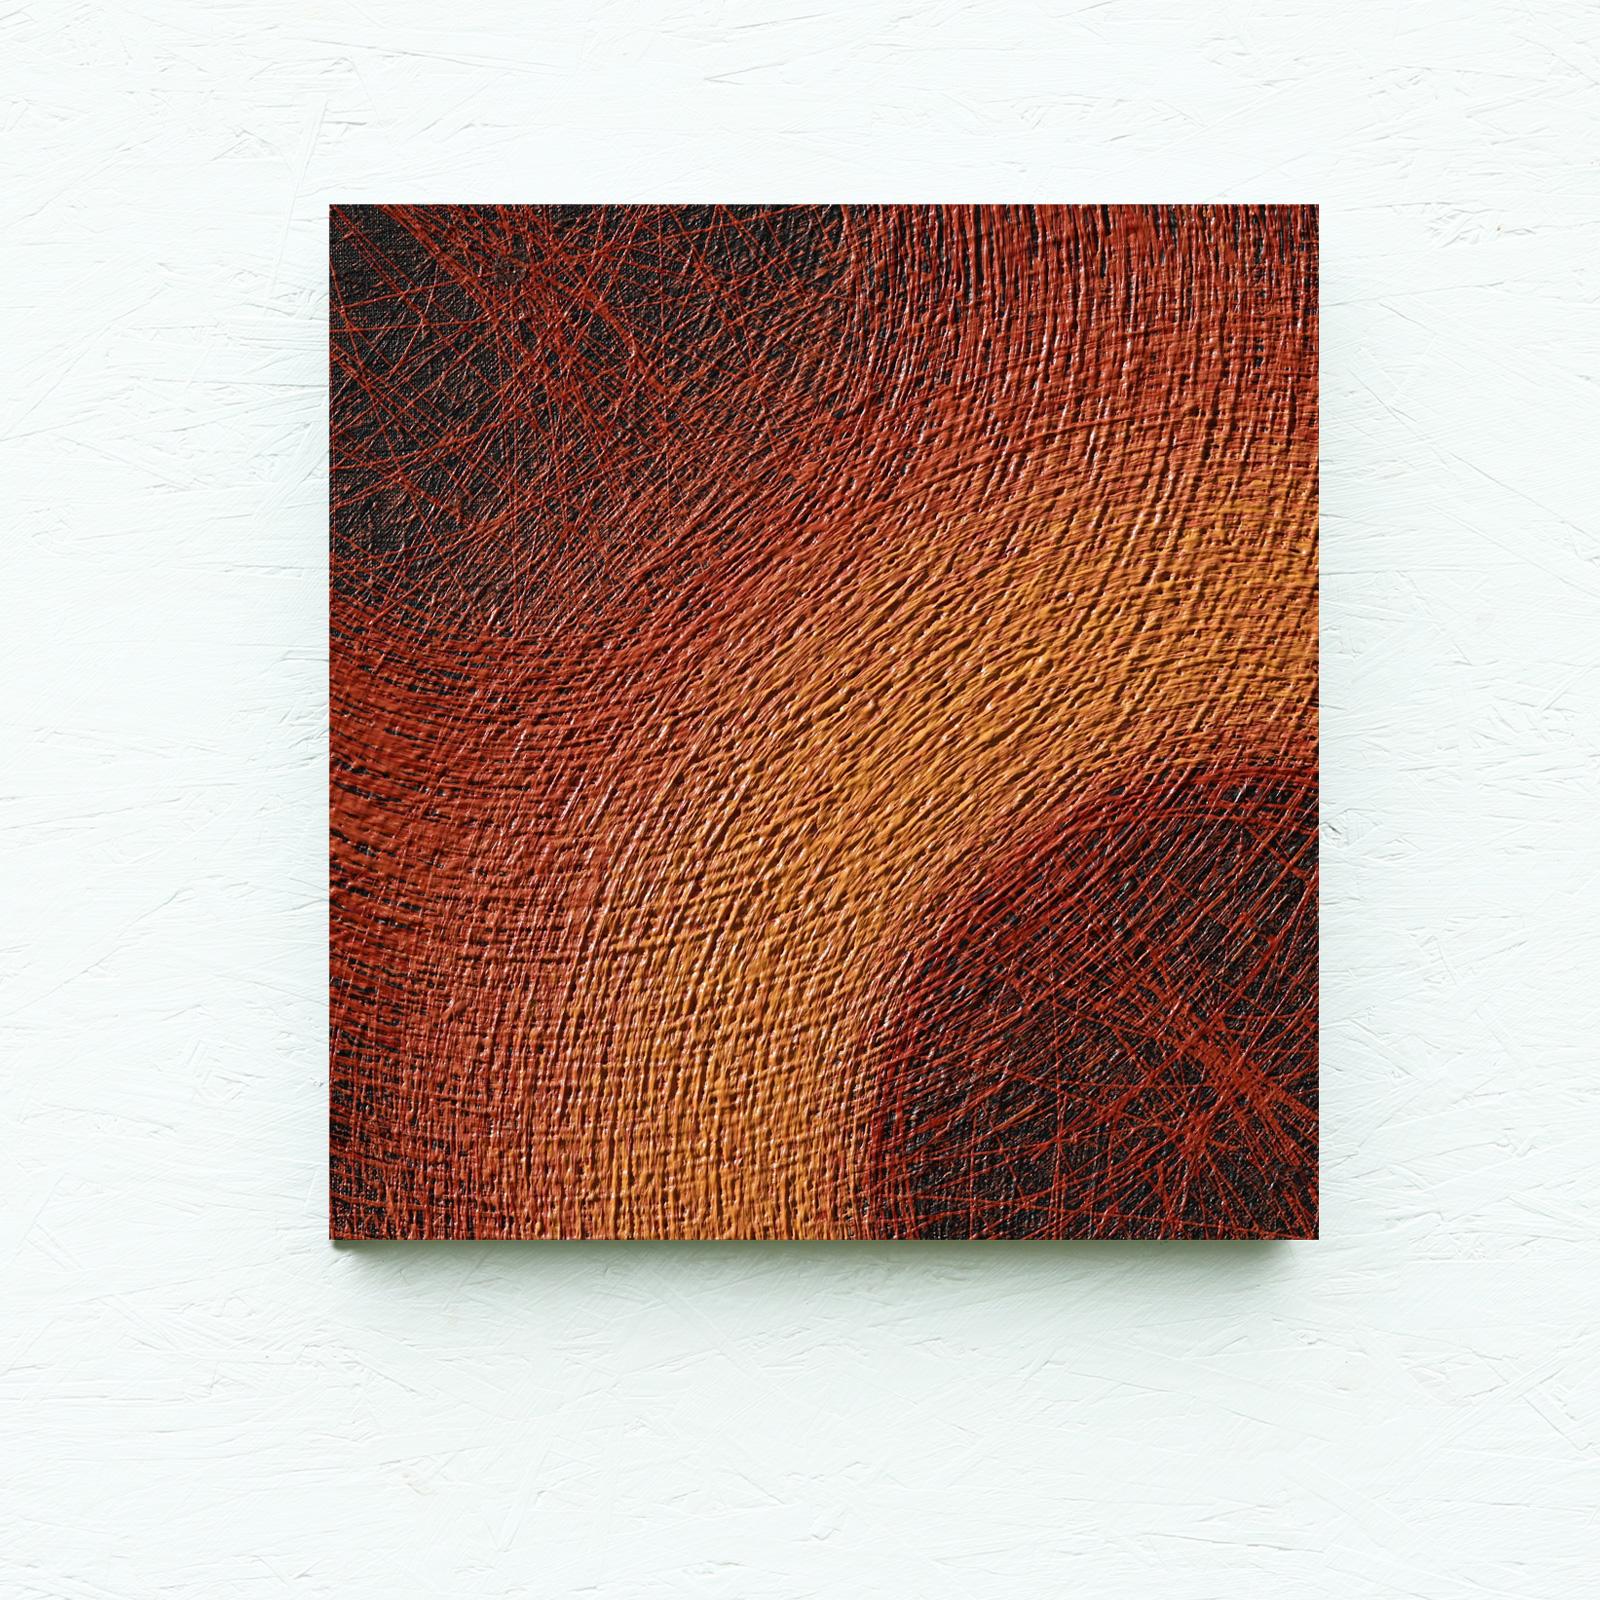 Genesis . 38 x 40 cm